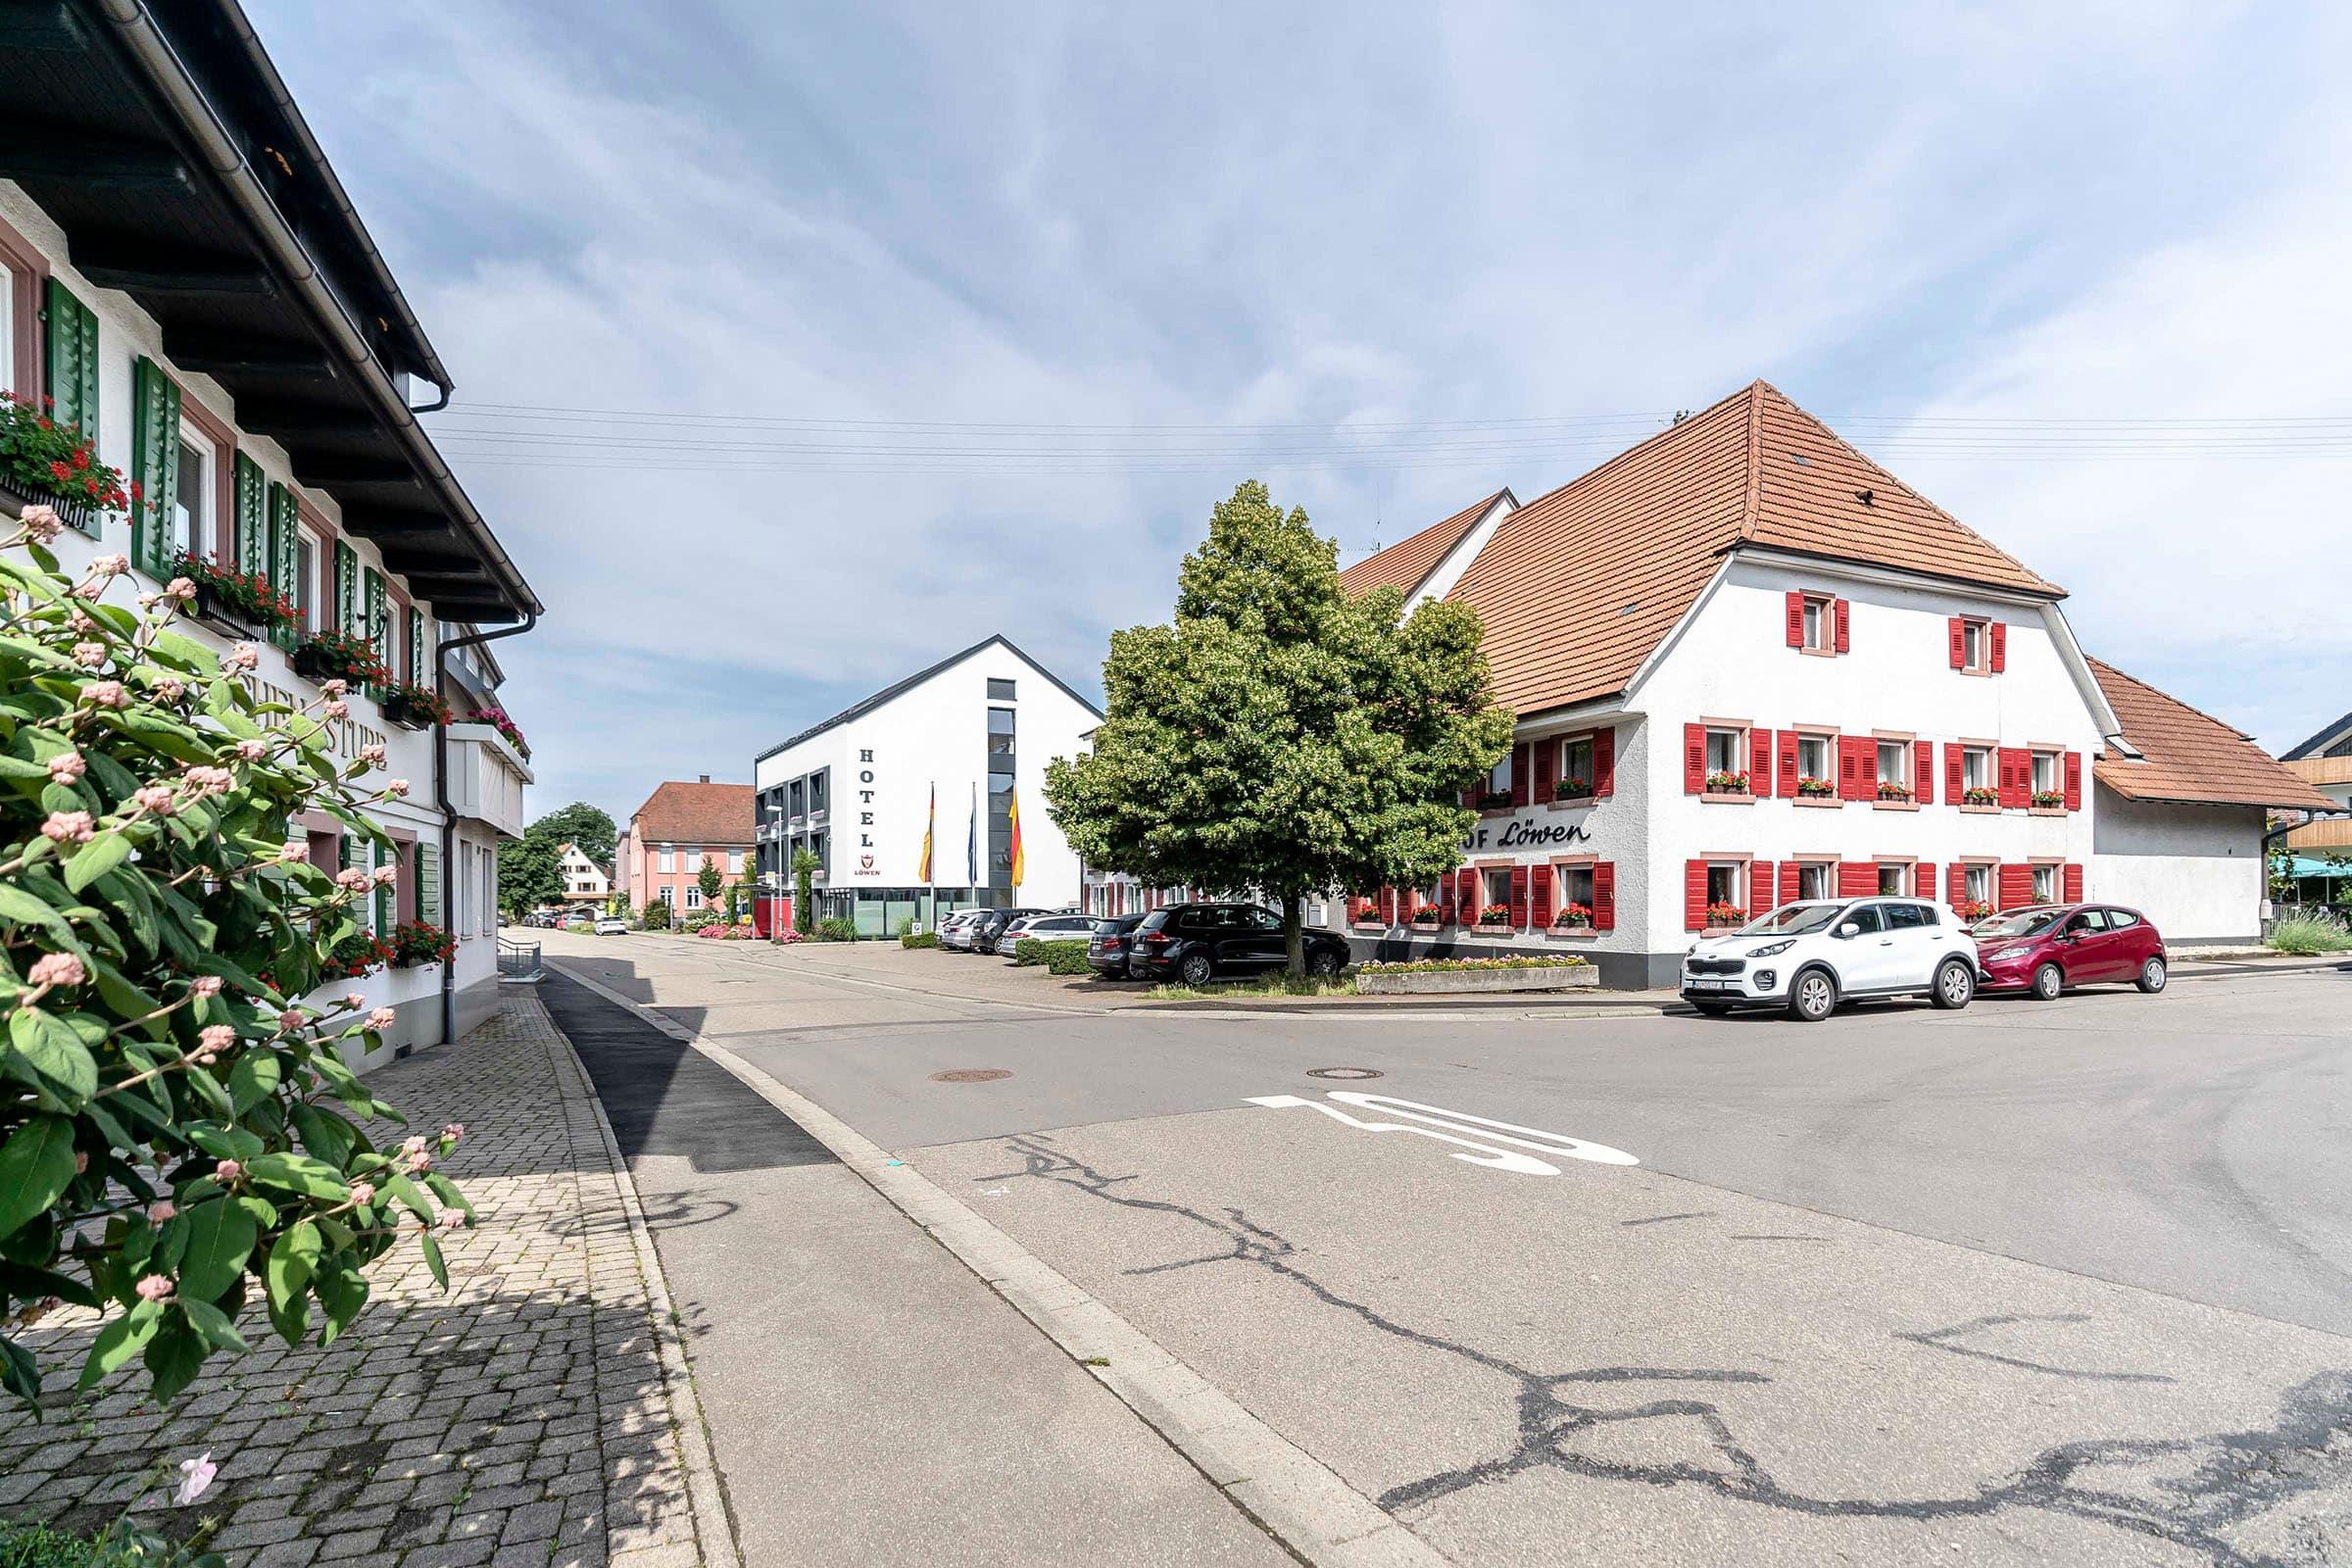 Hotel Gasthaus Loewen Buchholz Gebaeude